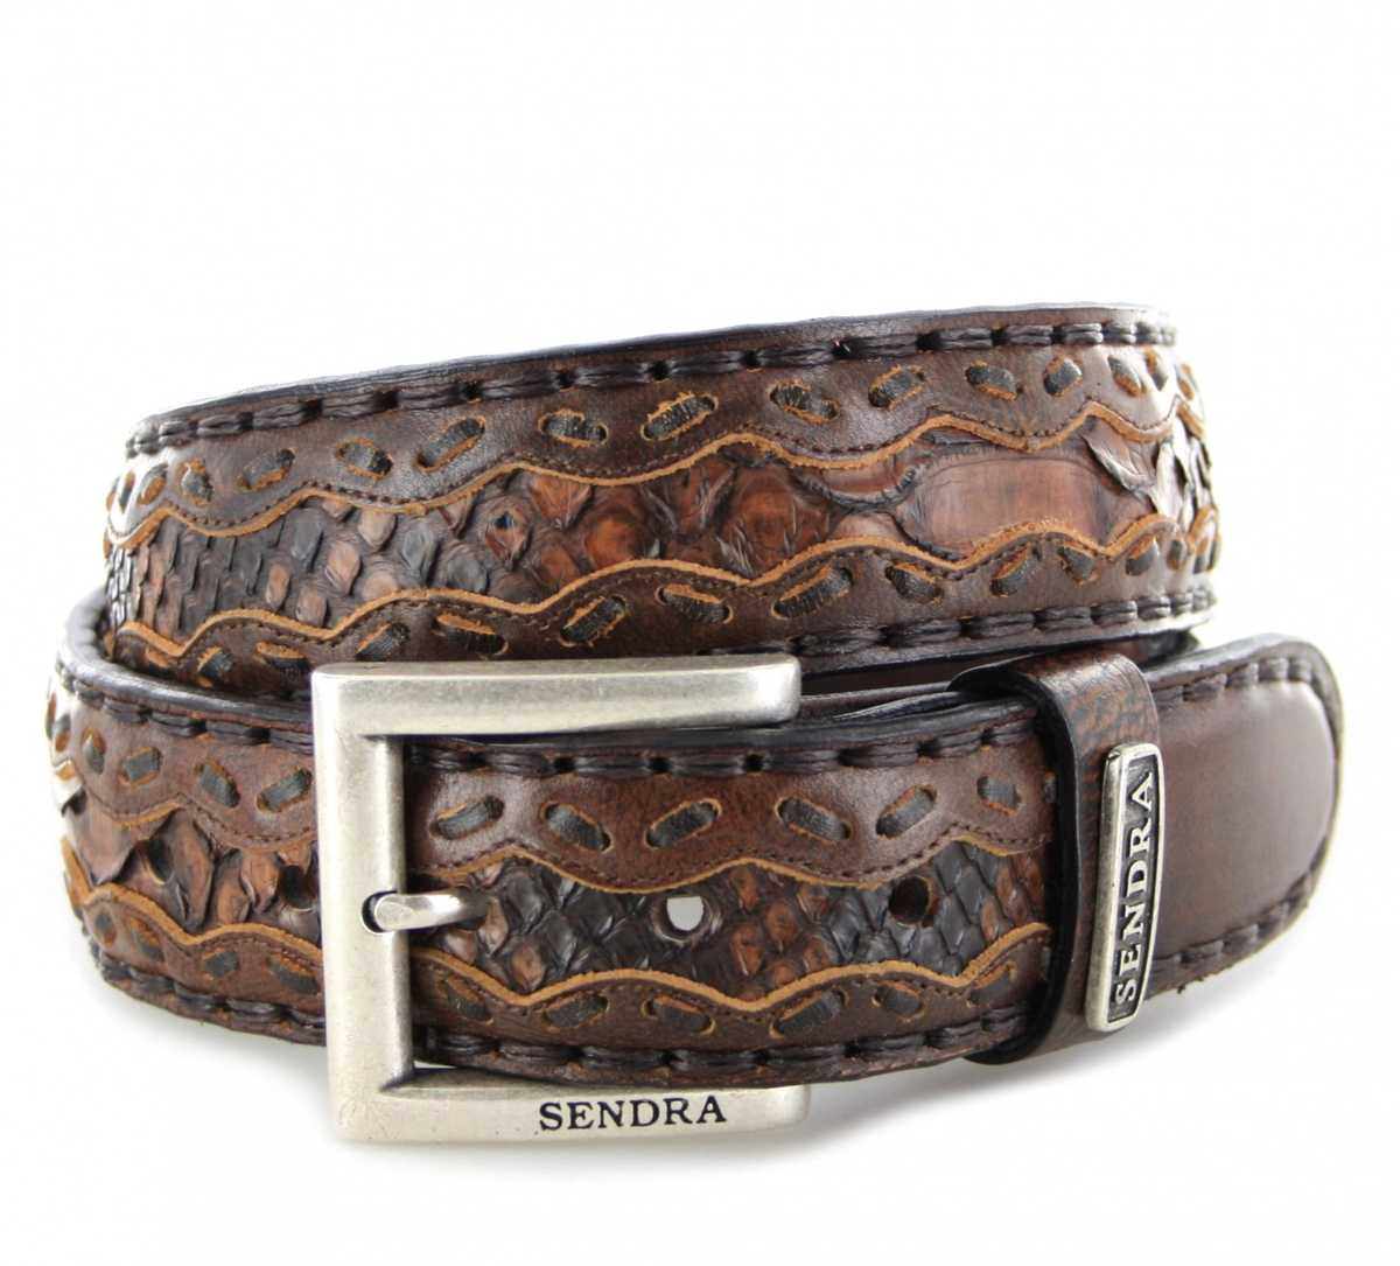 Sendra Boots 8347 Jacinto Pyton C540 Exotic Ledergürtel - dunkelbraun